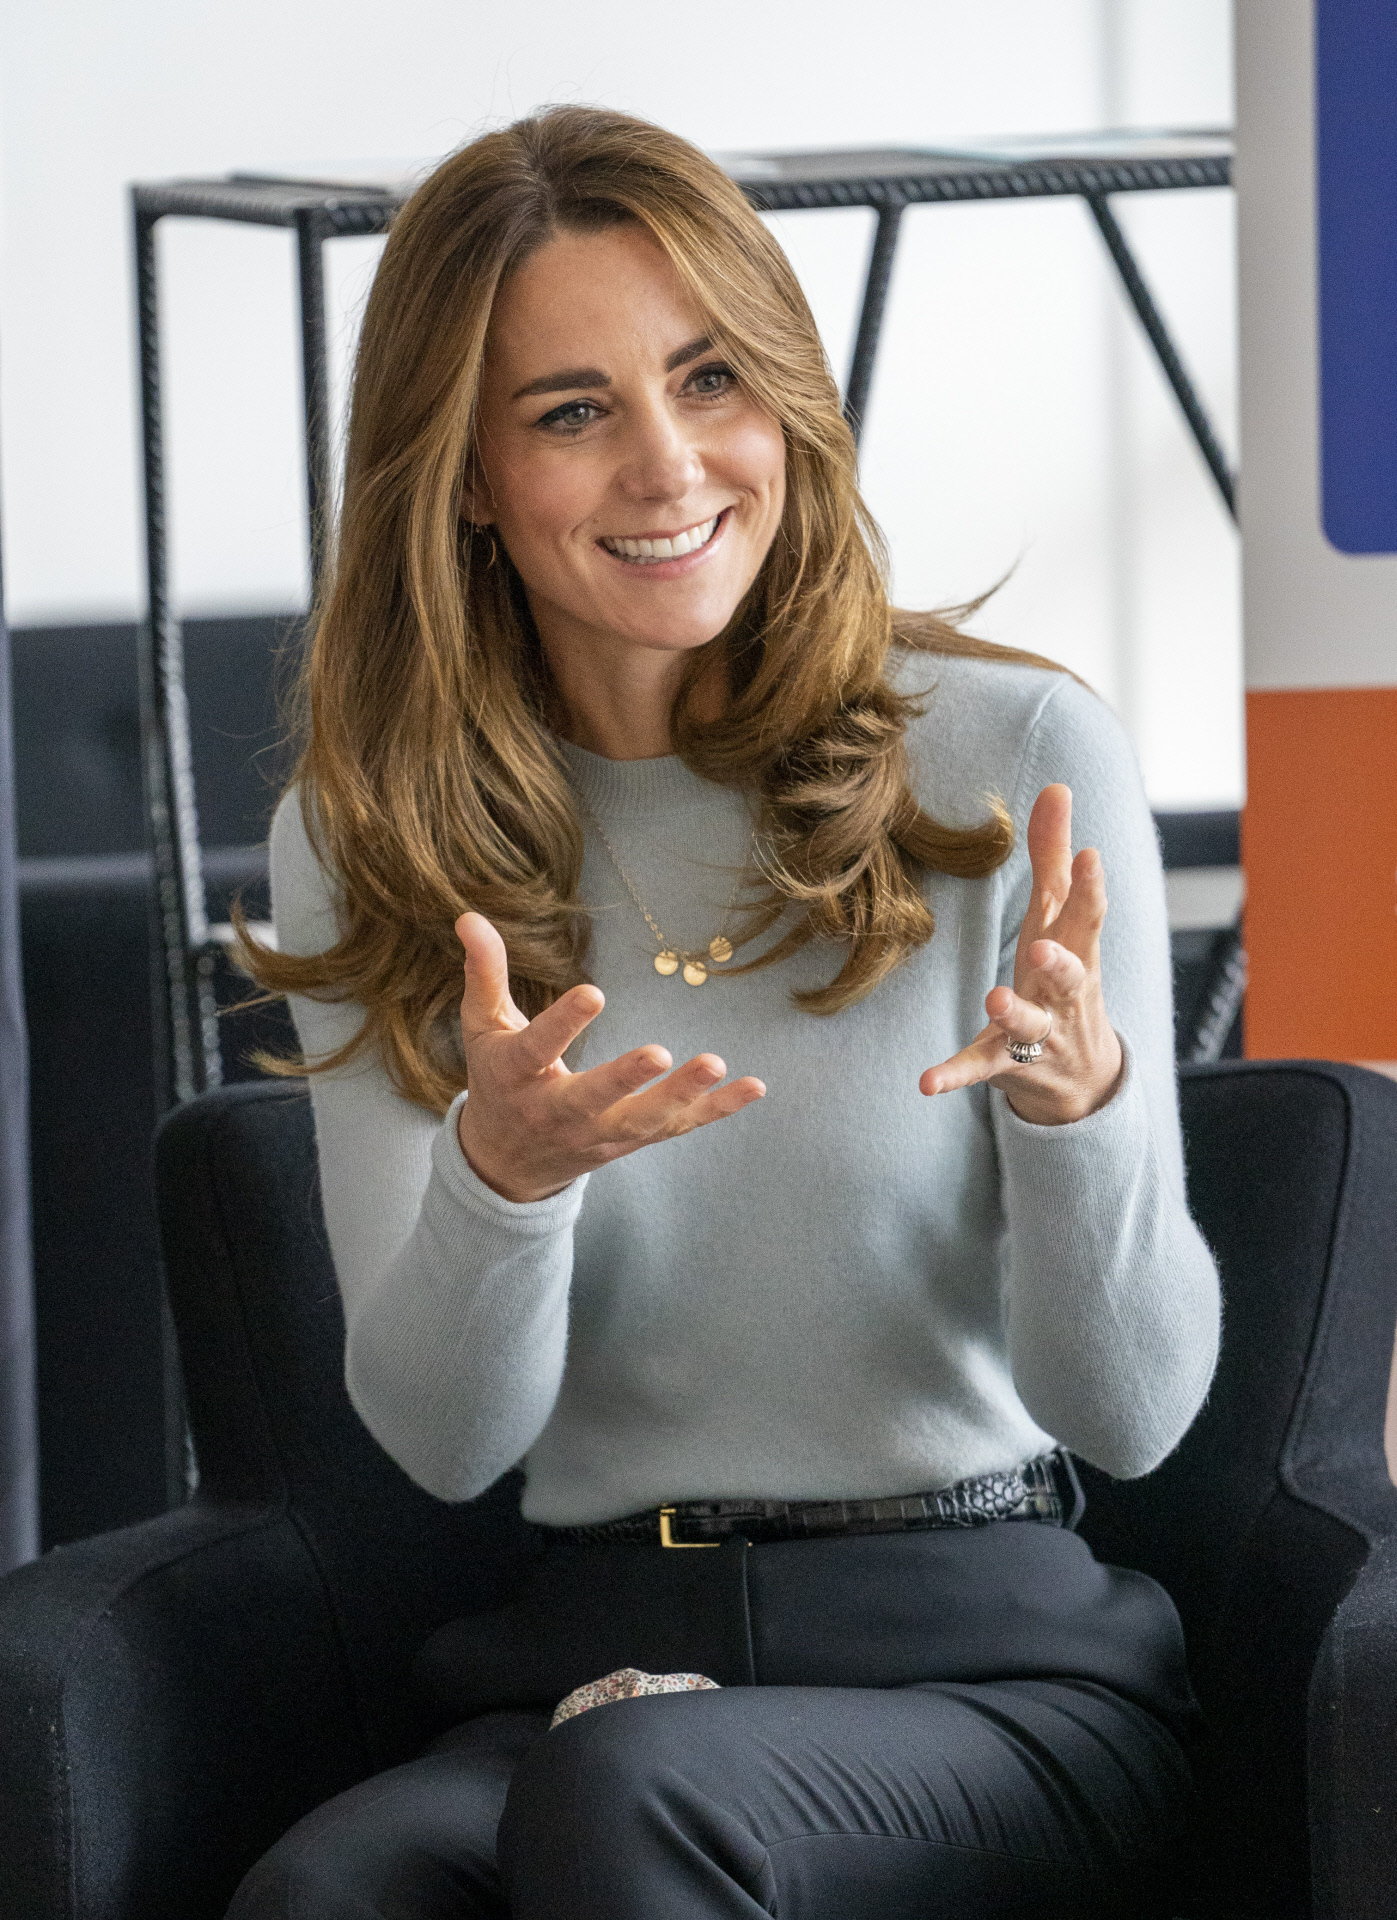 La duquesa de Cambridge con jersey de Massimo Dutti.